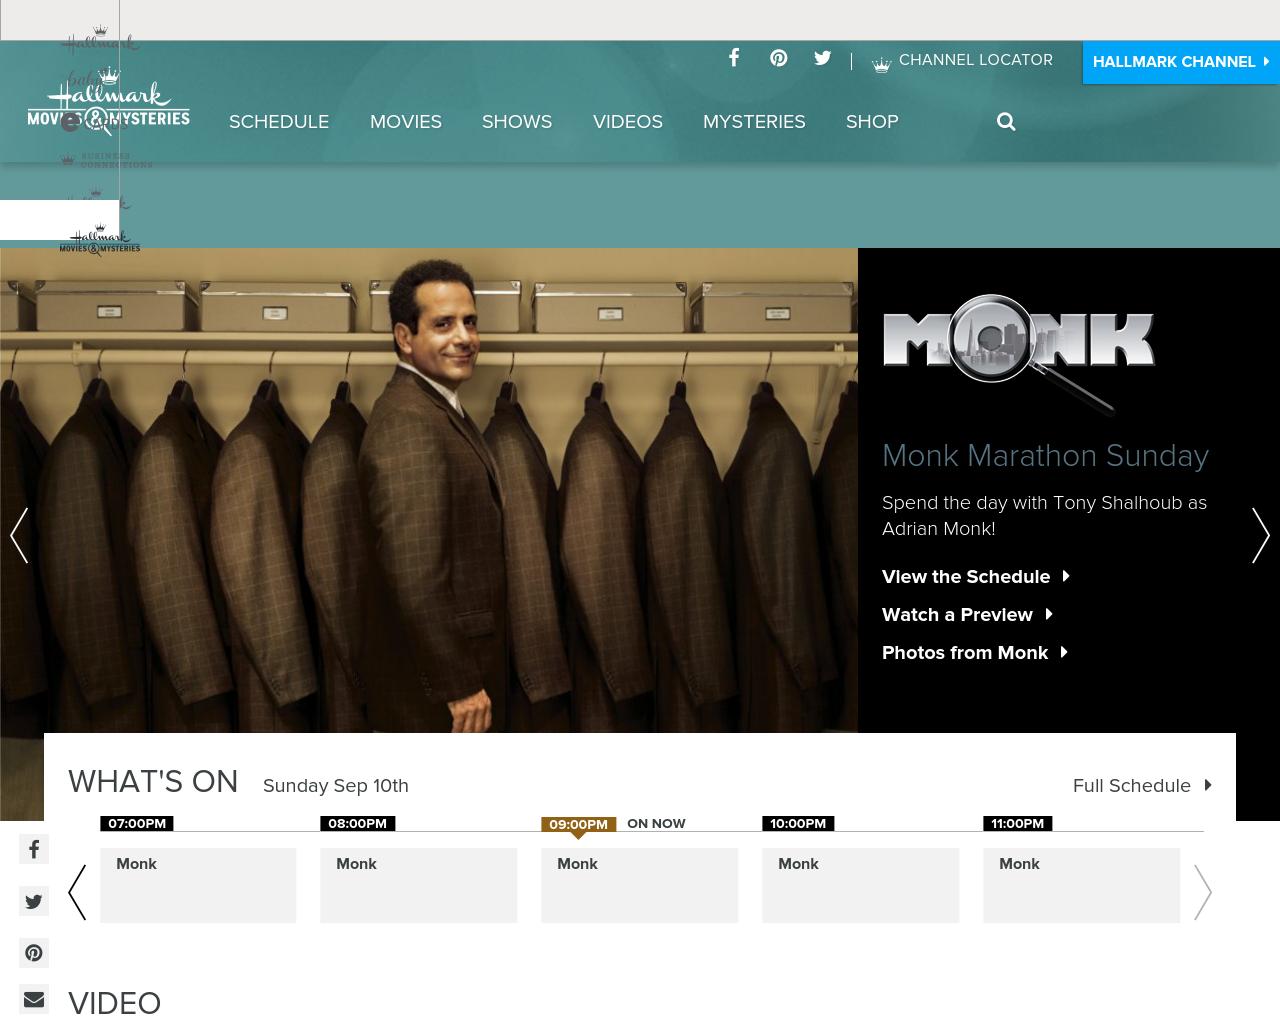 Hallmark-Movies-&-Mysteries-Advertising-Reviews-Pricing